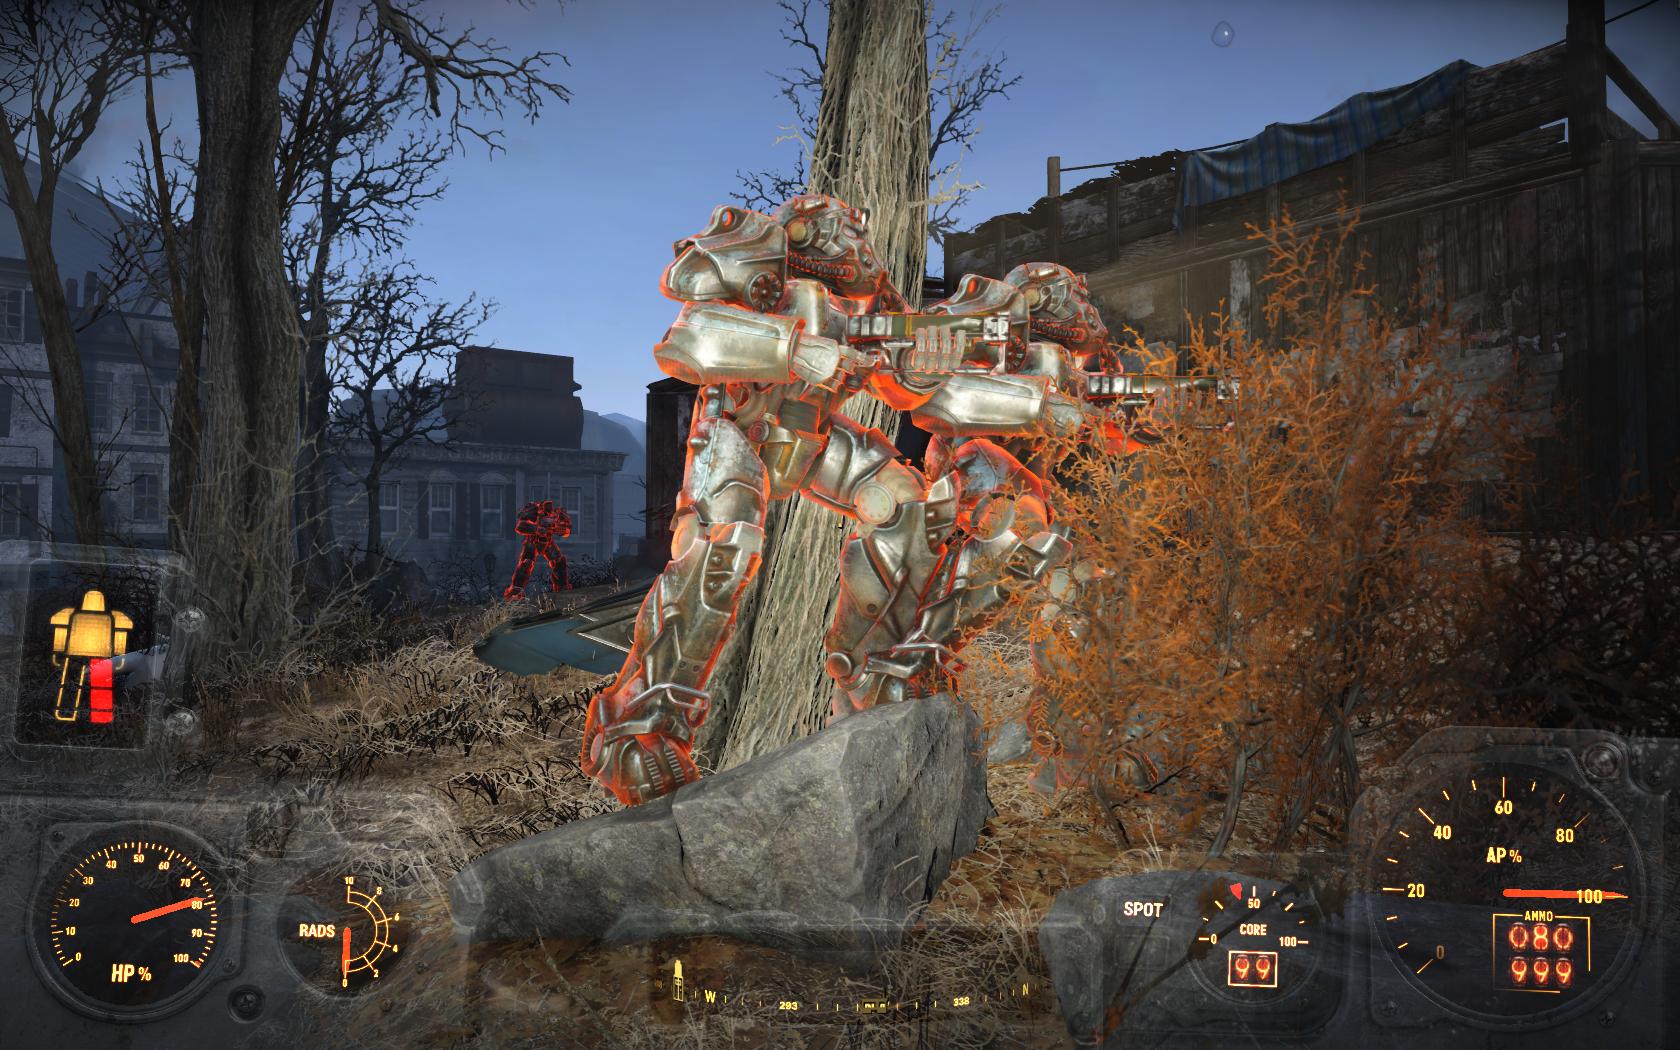 Близнецы из Братства Стали - делали всё синхронно (Битва за Банкер-Хилл) - Fallout 4 Братство, Стали